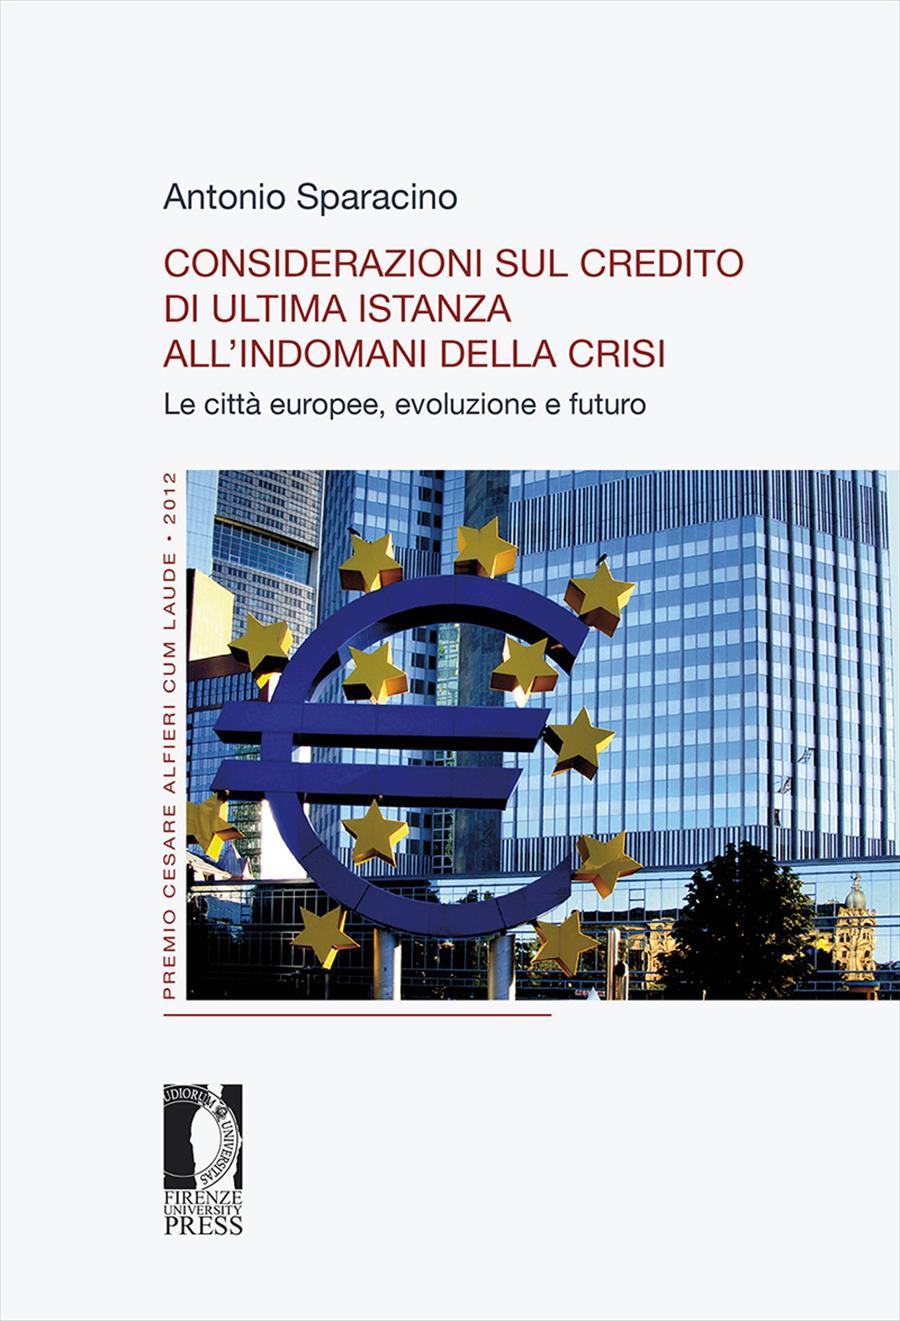 Considerazioni sul credito di ultima istanza all'indomani della crisi